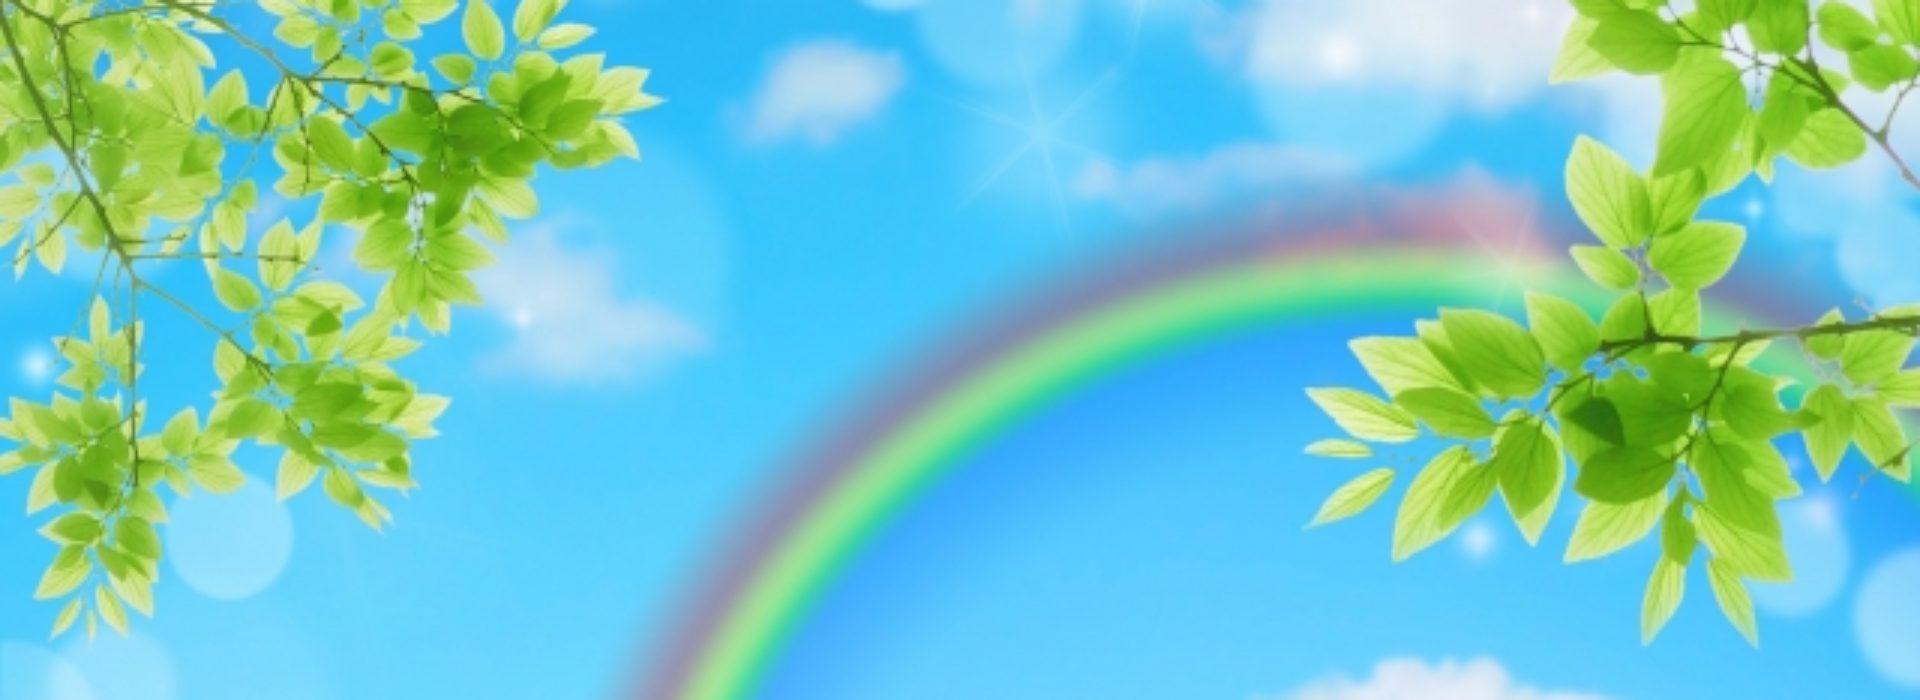 川越町の訪問マッサージ治療院Arco Bleno【保険適用】四日市/桑名/鈴鹿